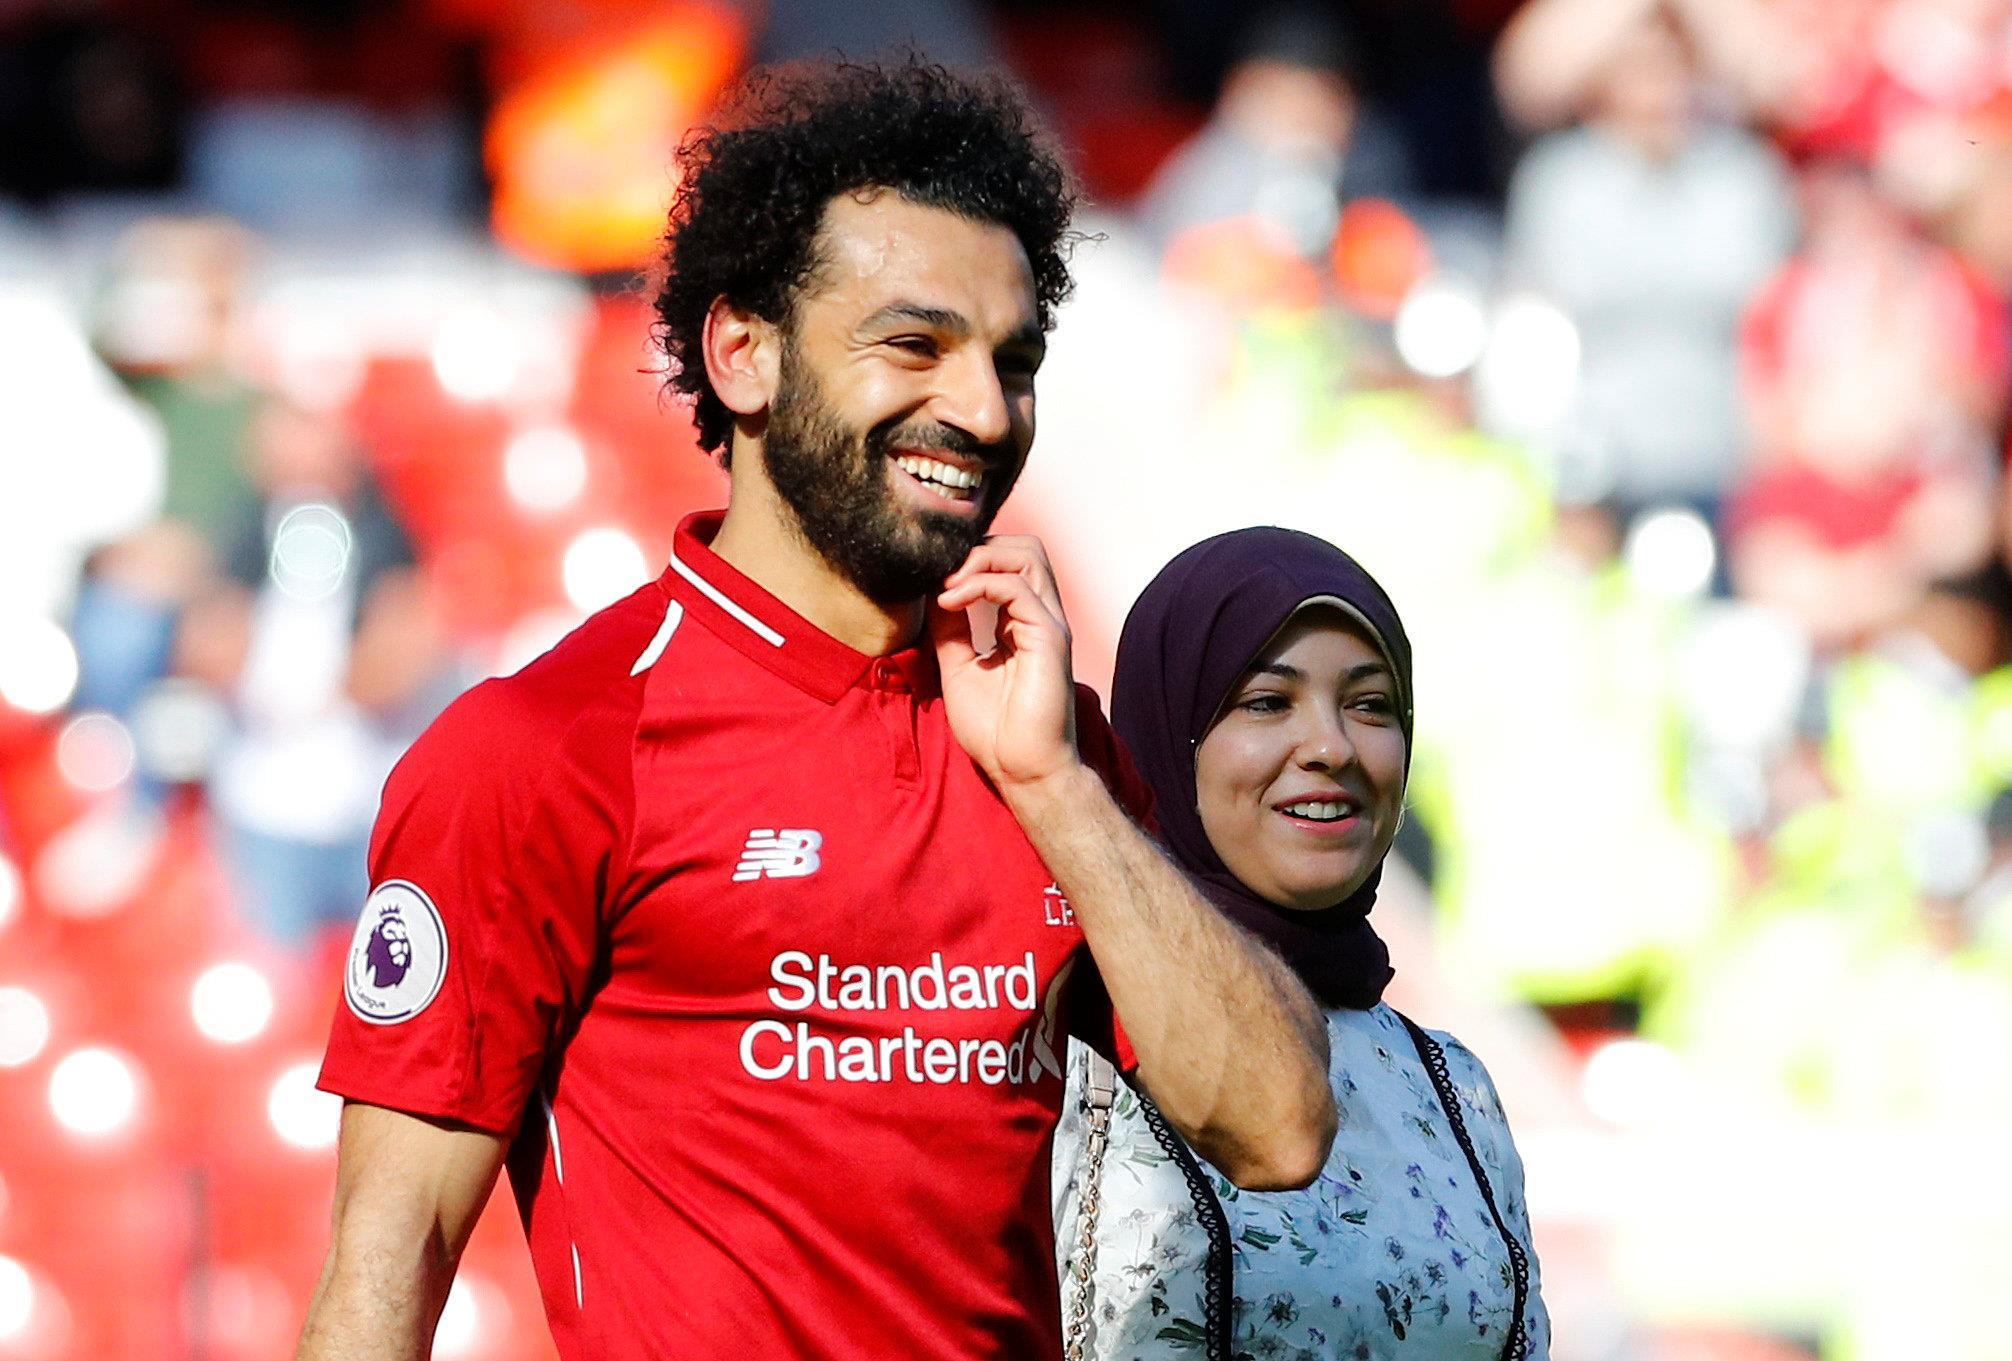 ظهور زوجة محمد صلاح واحتفال «مكة» بجائزة الحذاء الذهبي